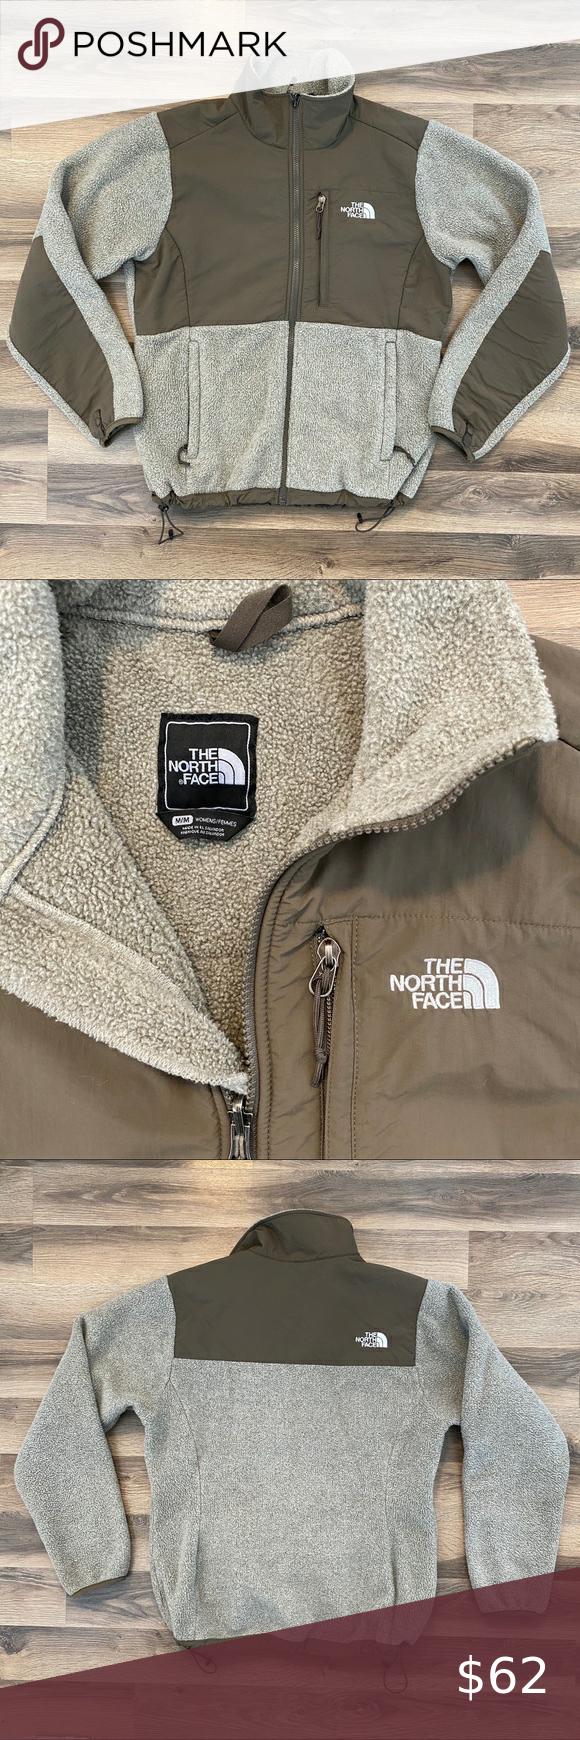 The North Face Tan Grey Fleece Jacket In 2020 Grey Fleece Jacket North Face Brand Fleece Jacket [ 1740 x 580 Pixel ]